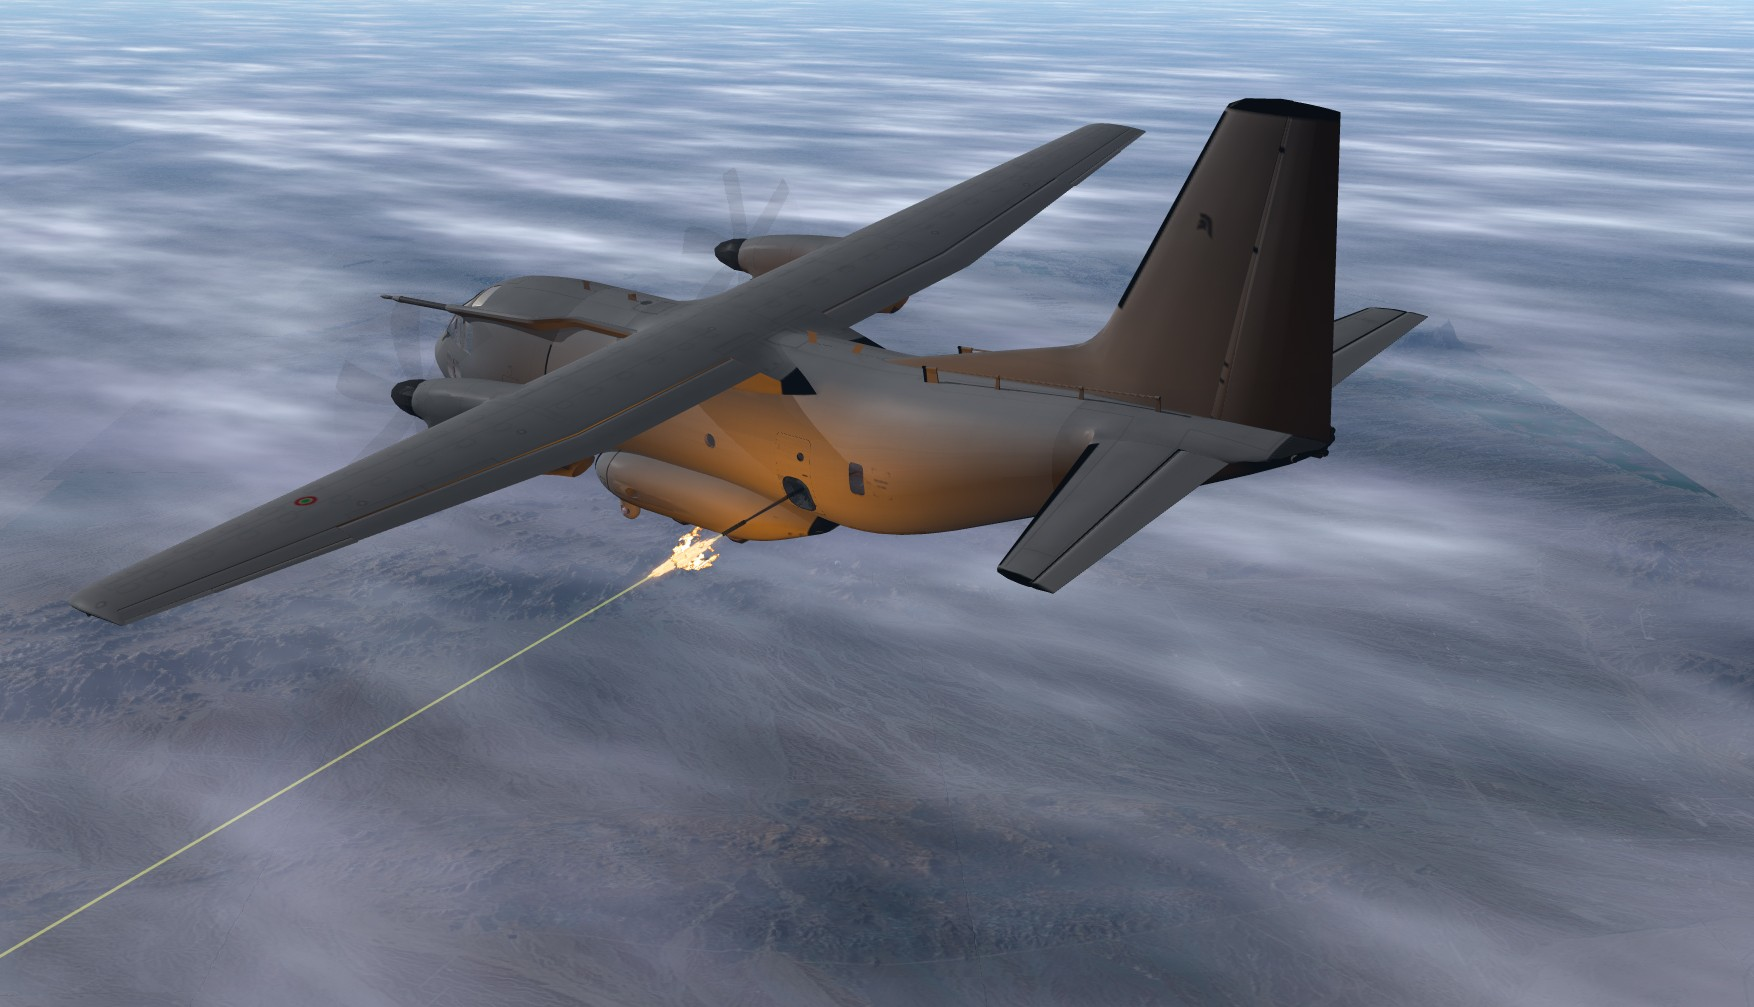 사격 테스트를 실시할 예정인 MC-27J 건십